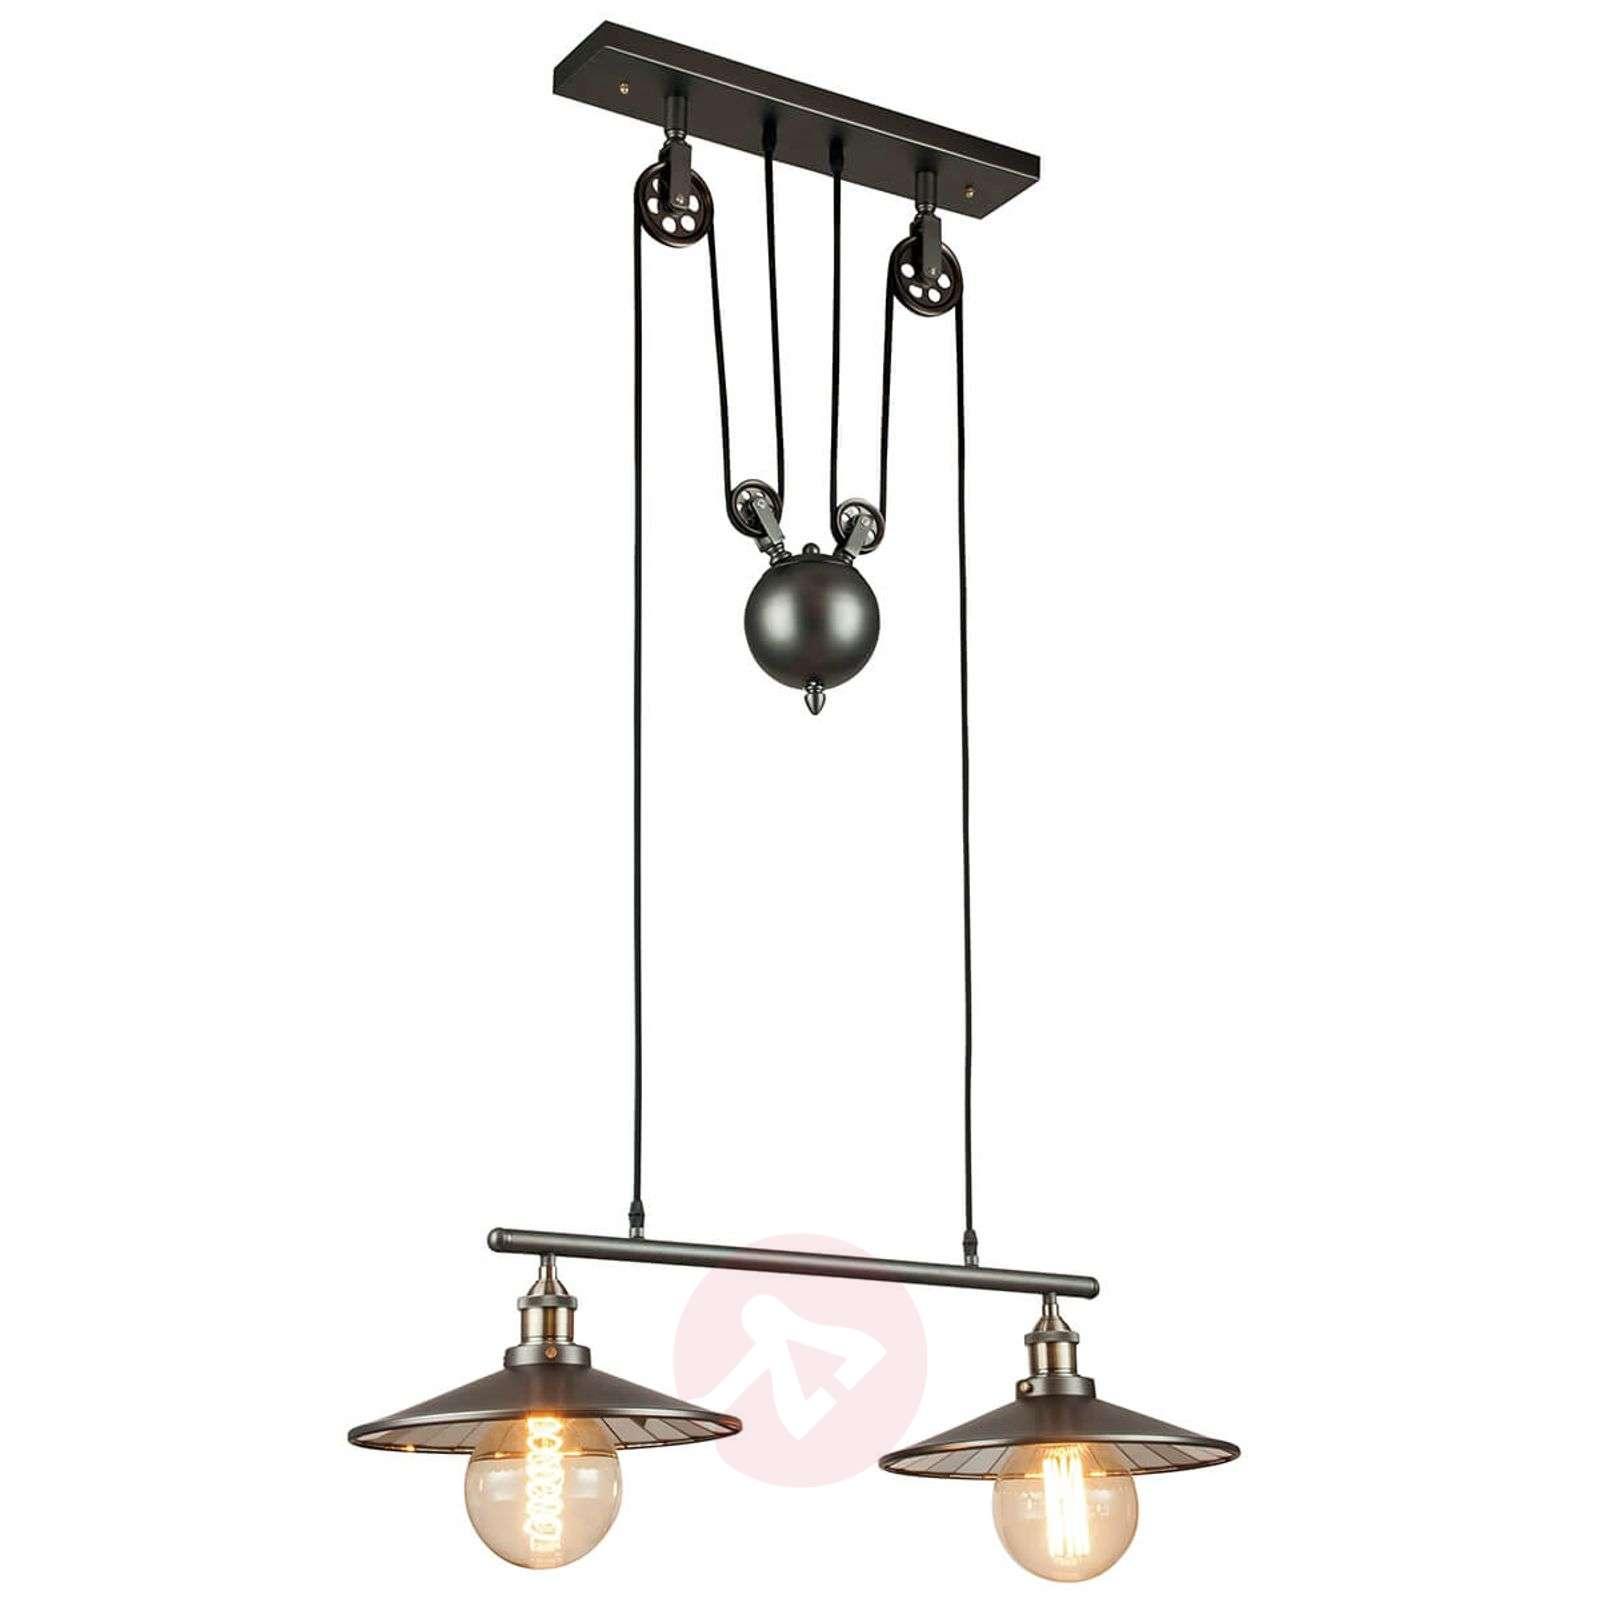 Rise And Fall Hanging Lamp Arkita Black 2 Bulb 3006657 01